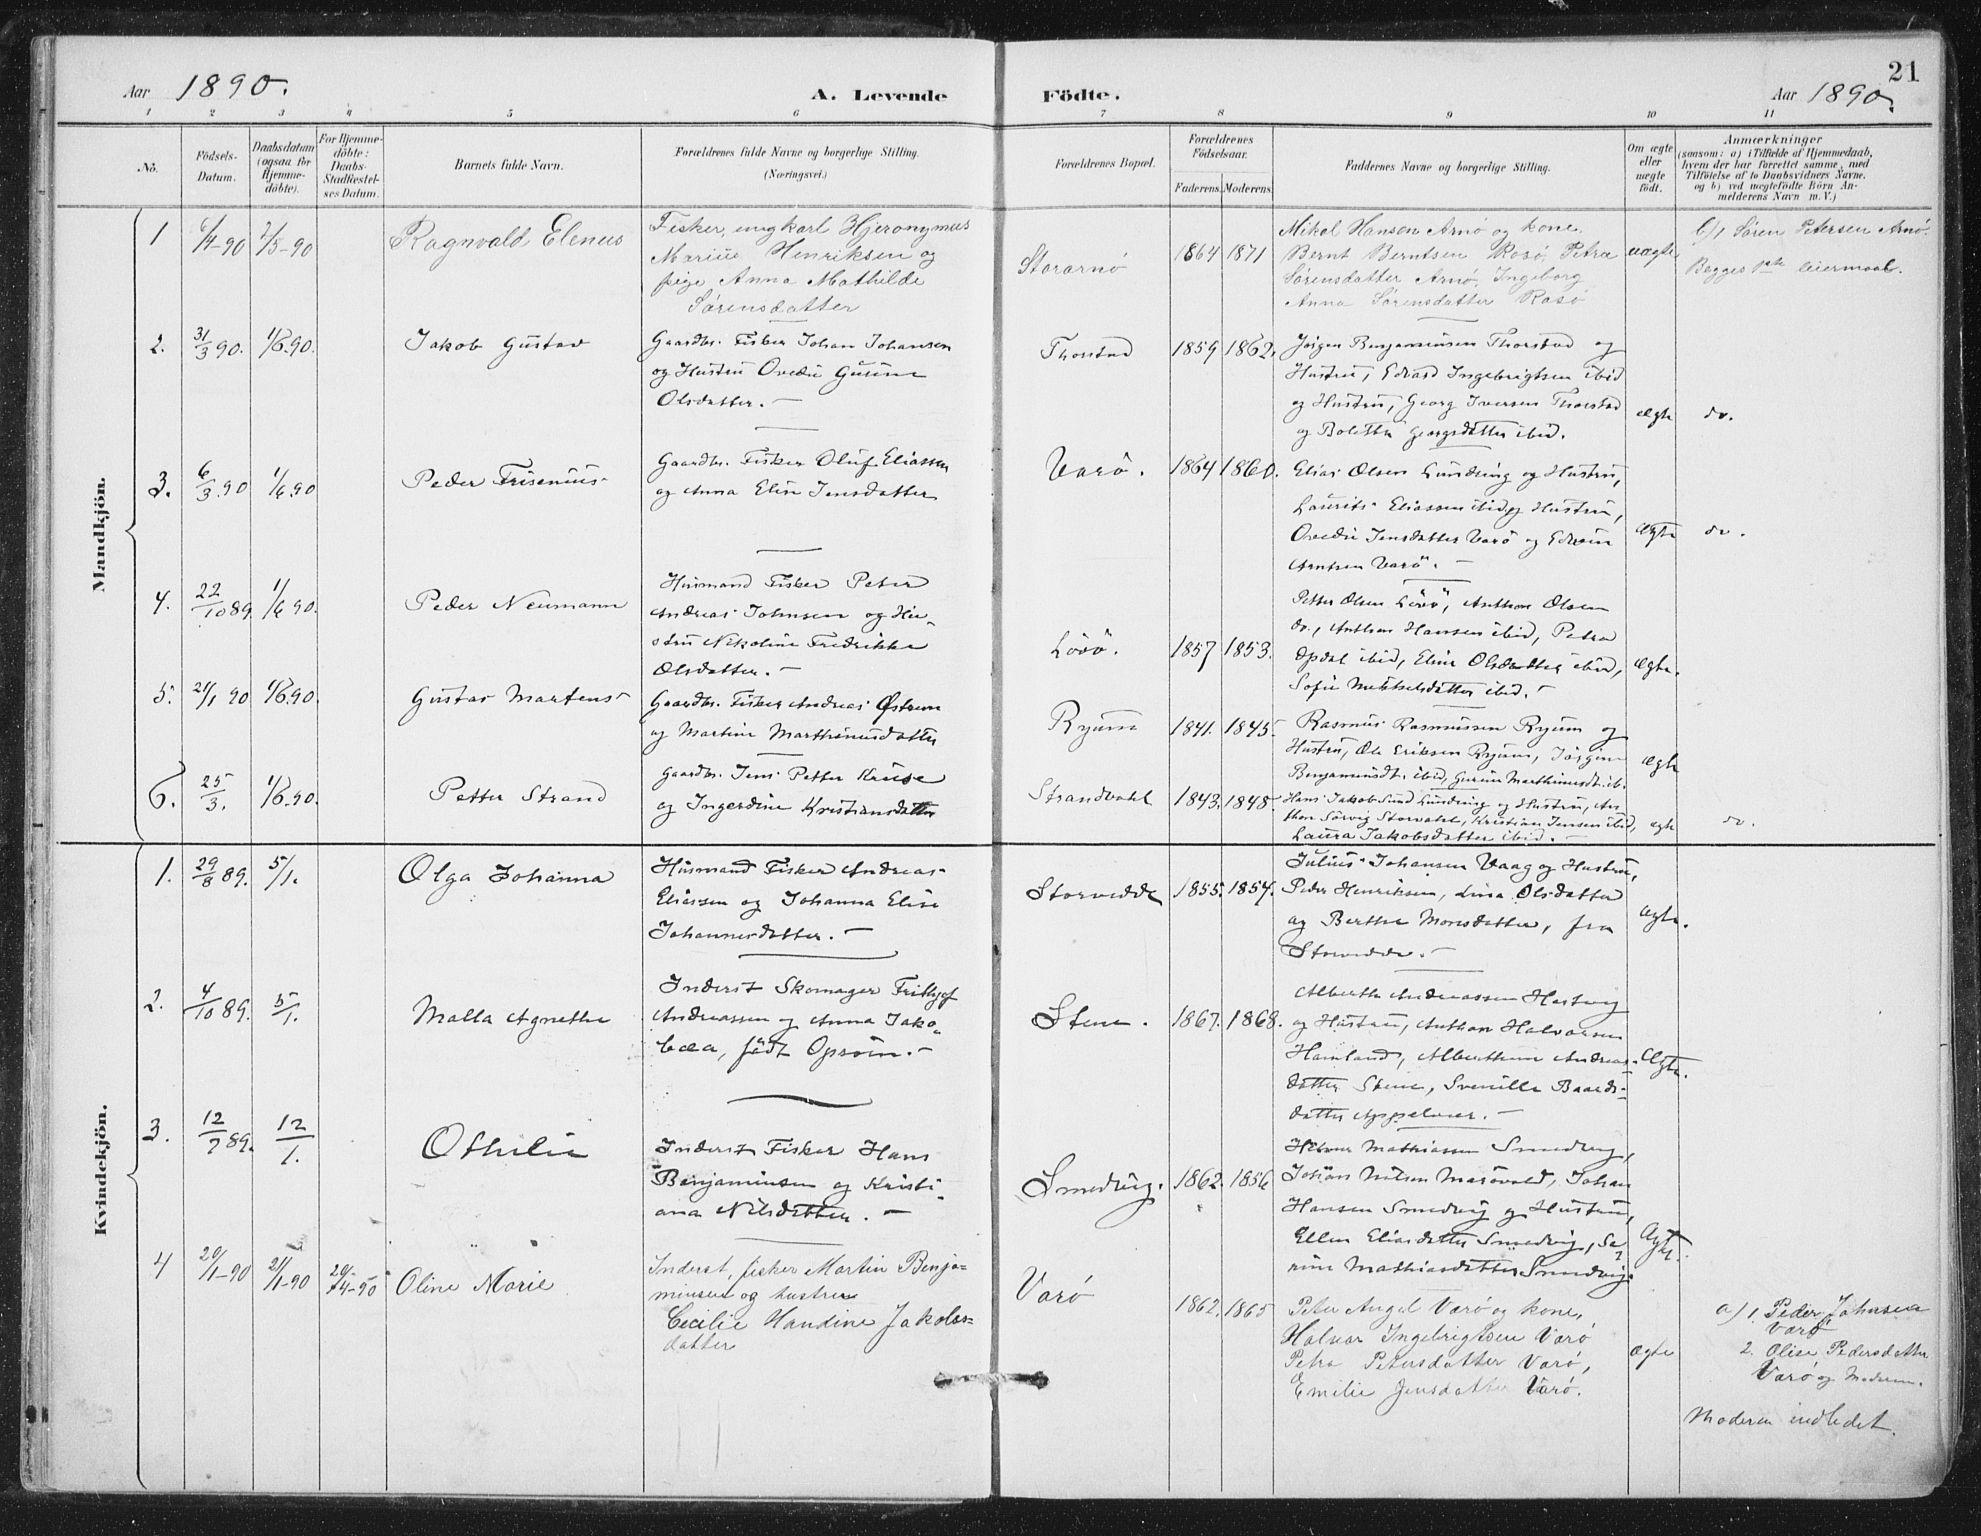 SAT, Ministerialprotokoller, klokkerbøker og fødselsregistre - Nord-Trøndelag, 784/L0673: Ministerialbok nr. 784A08, 1888-1899, s. 21